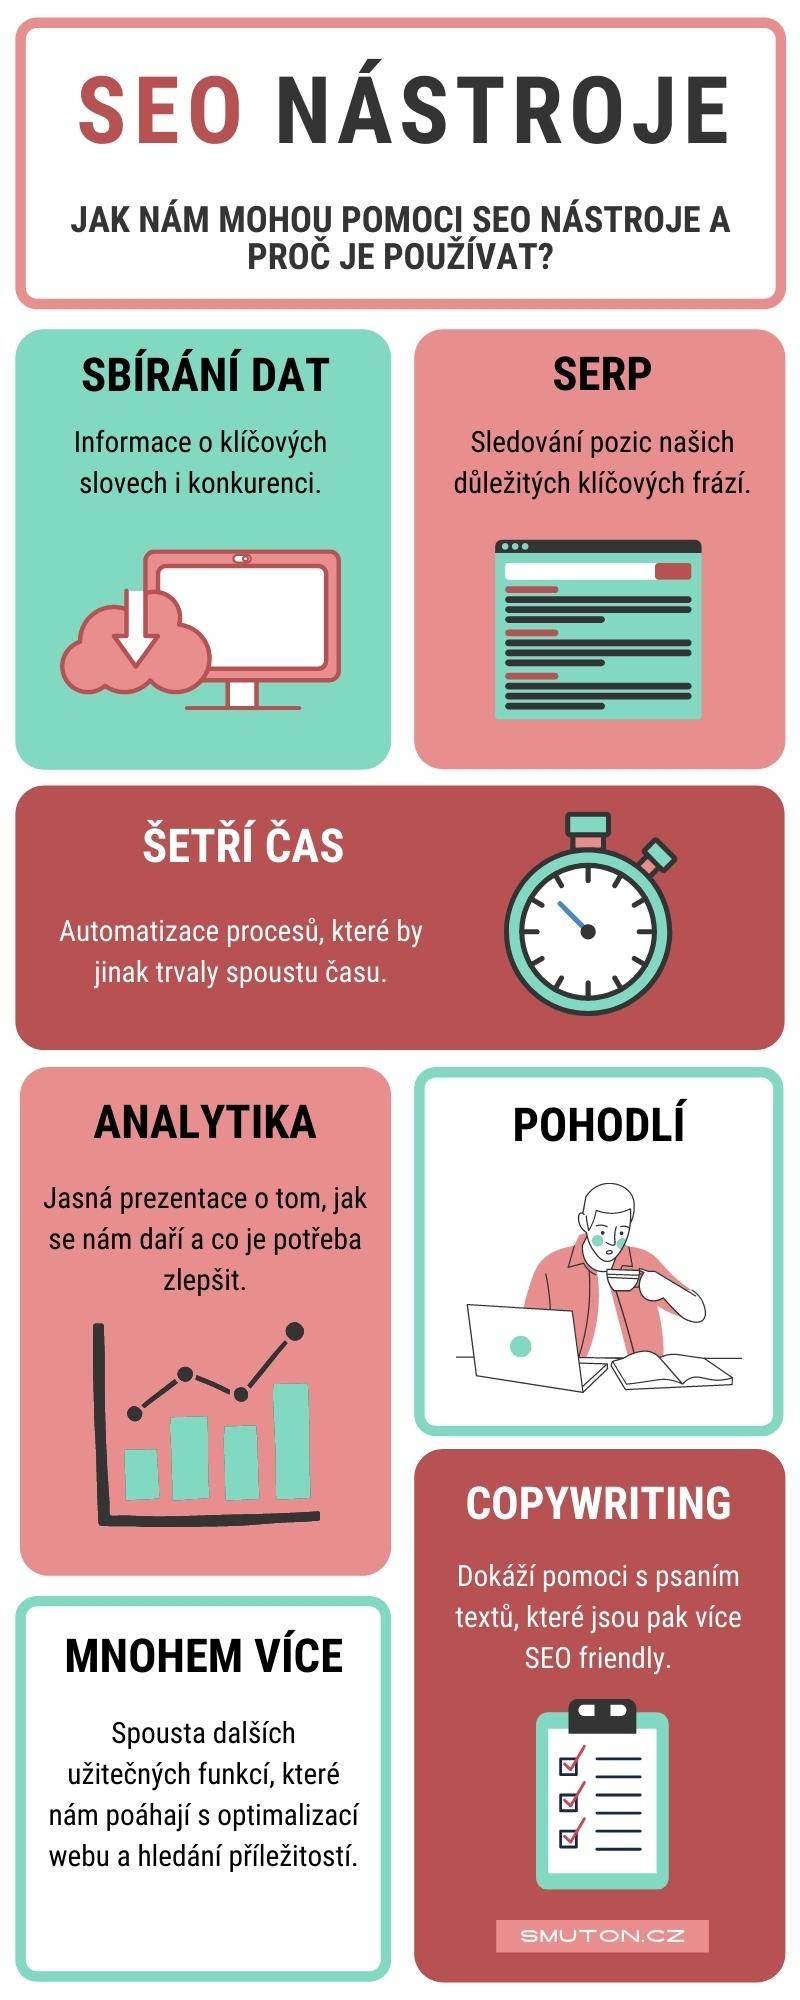 Infografika SEO nástroje | Smuton.cz